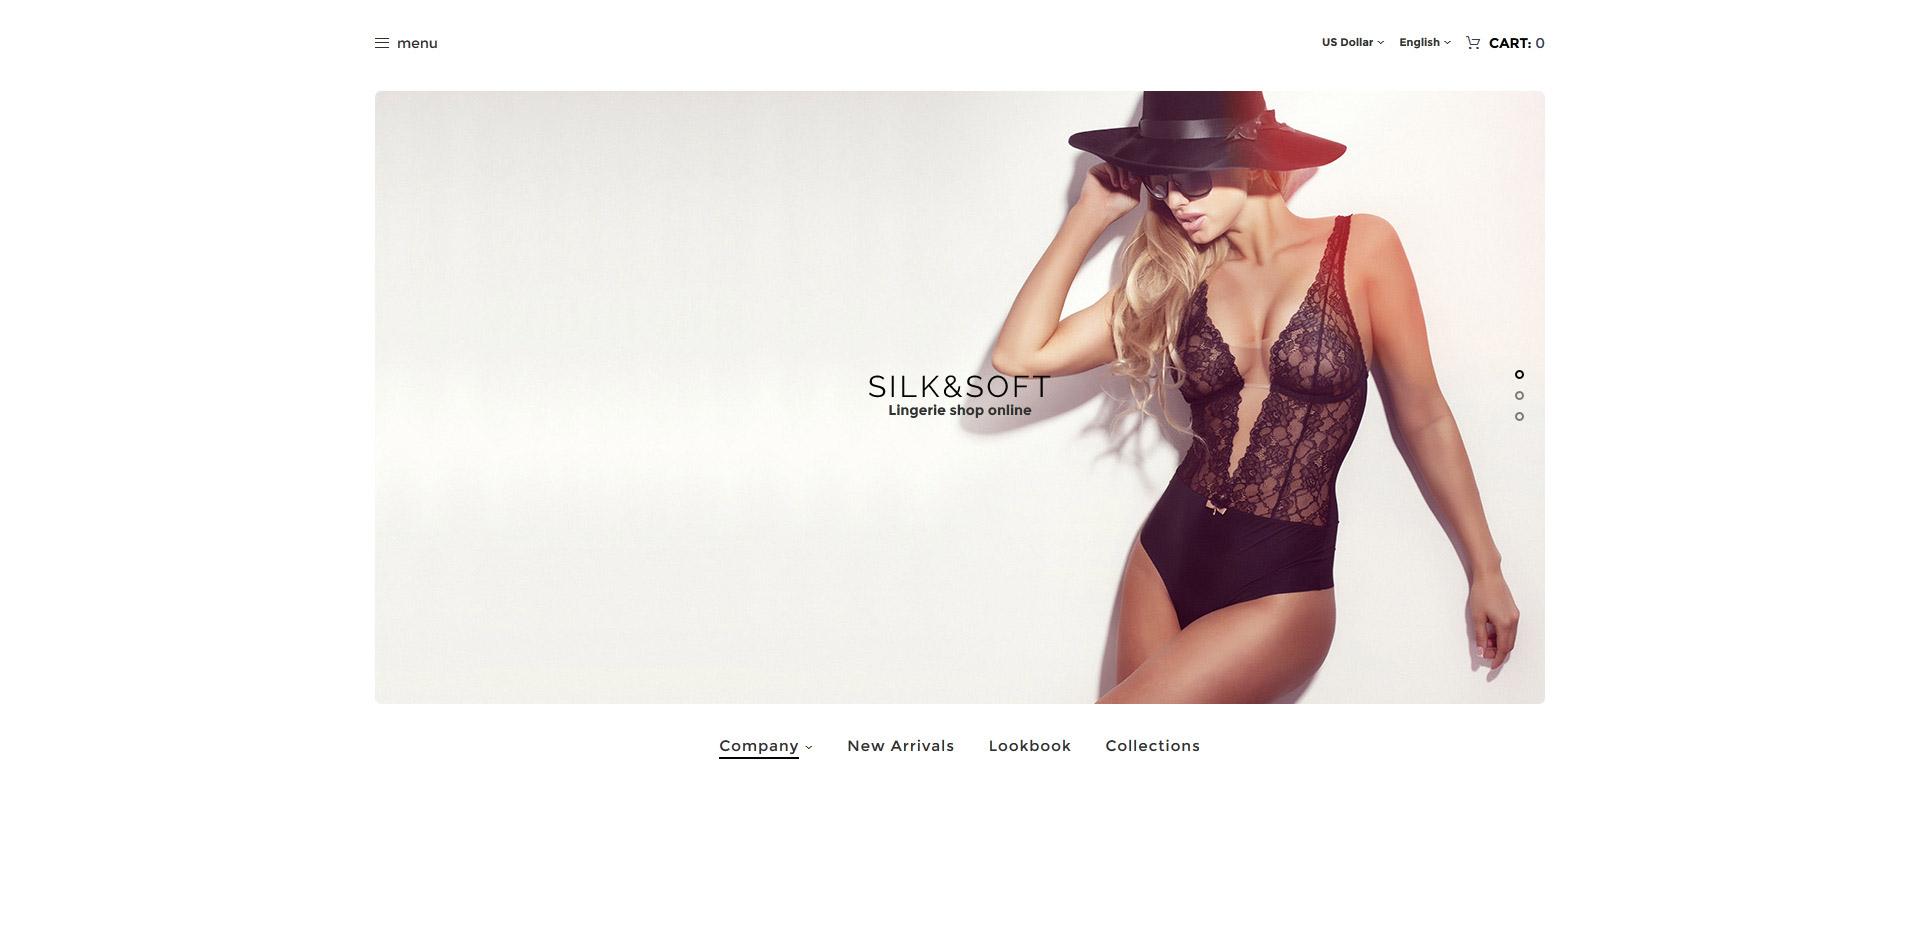 Silk & Soft - Underwear & Lingerie Online Store OpenCart Template - screenshot